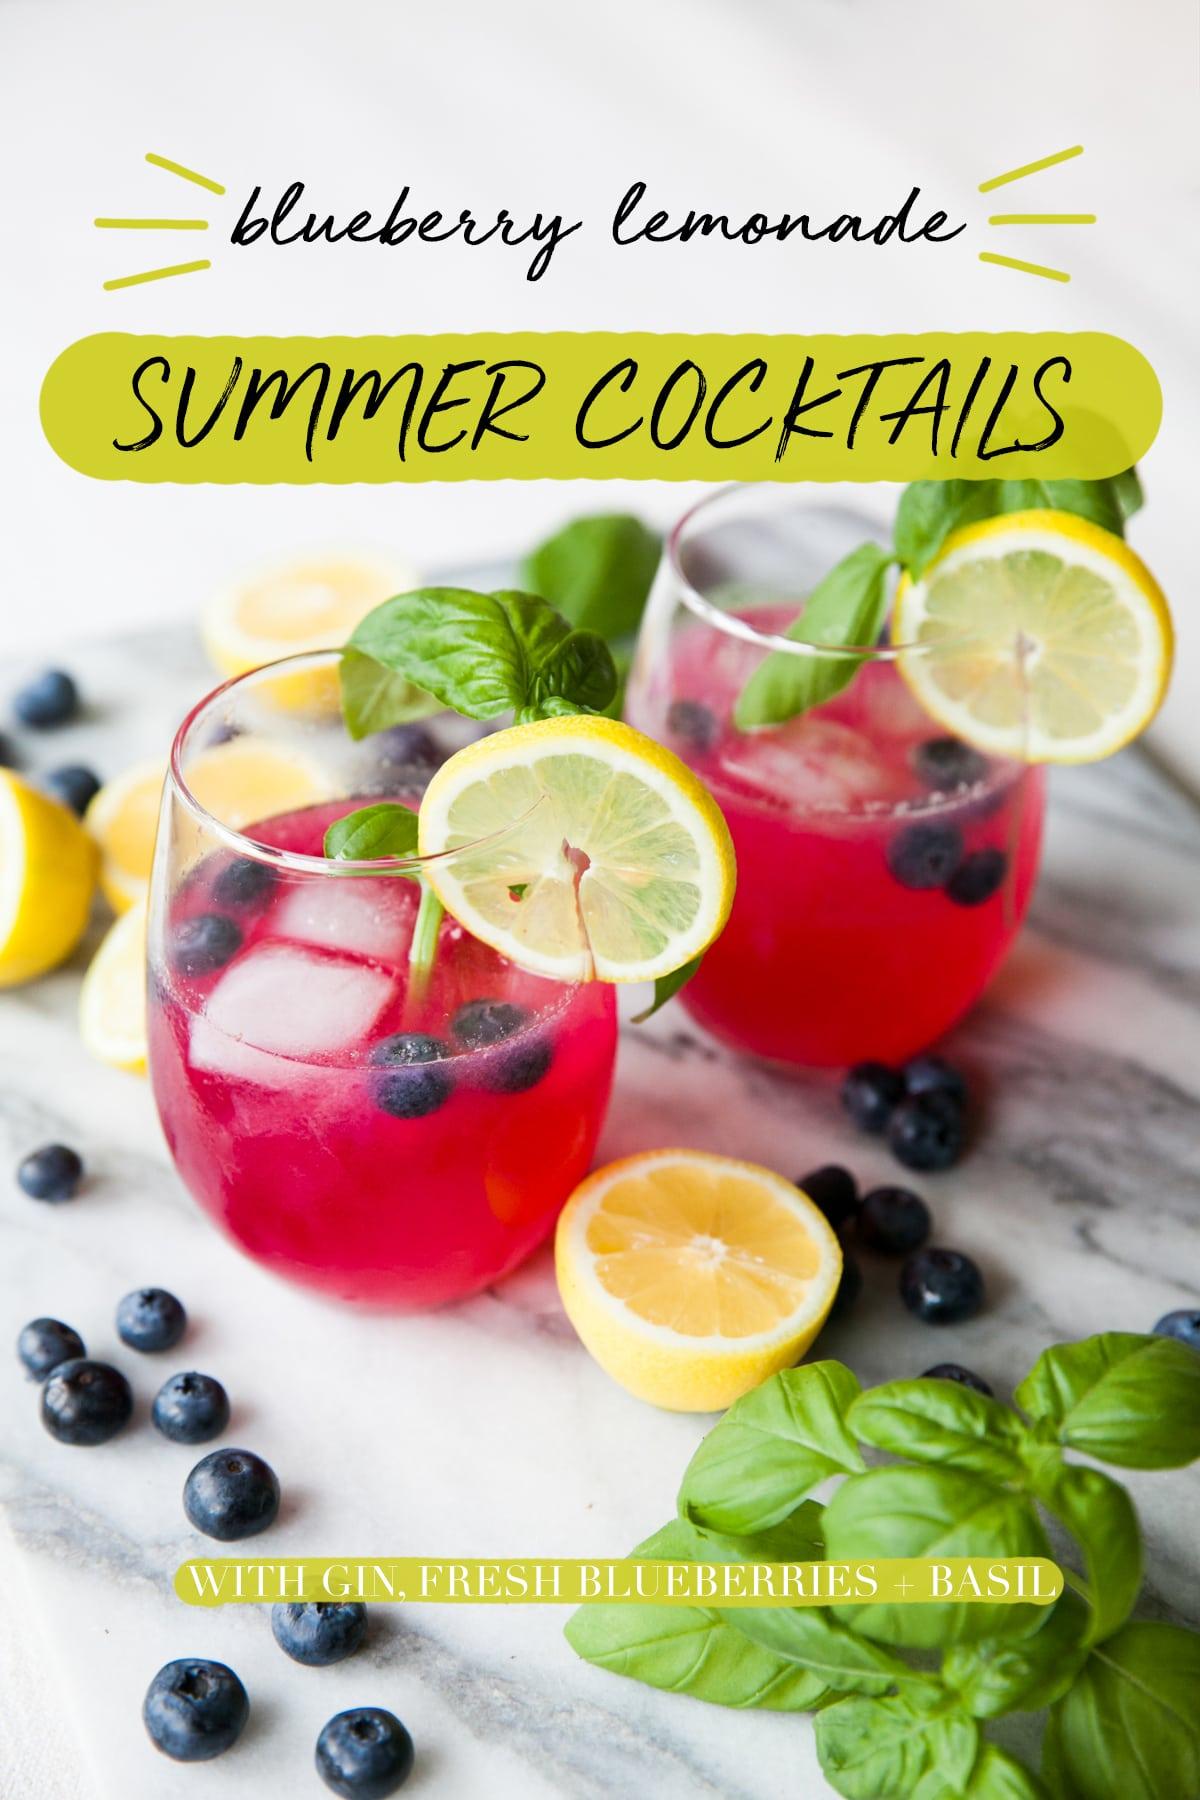 Gin Cocktails | Blueberry Lemonade | Cocktail Recipes | Homemade Hard Lemonade | Jessica Brigham | Magazine Ready for Life